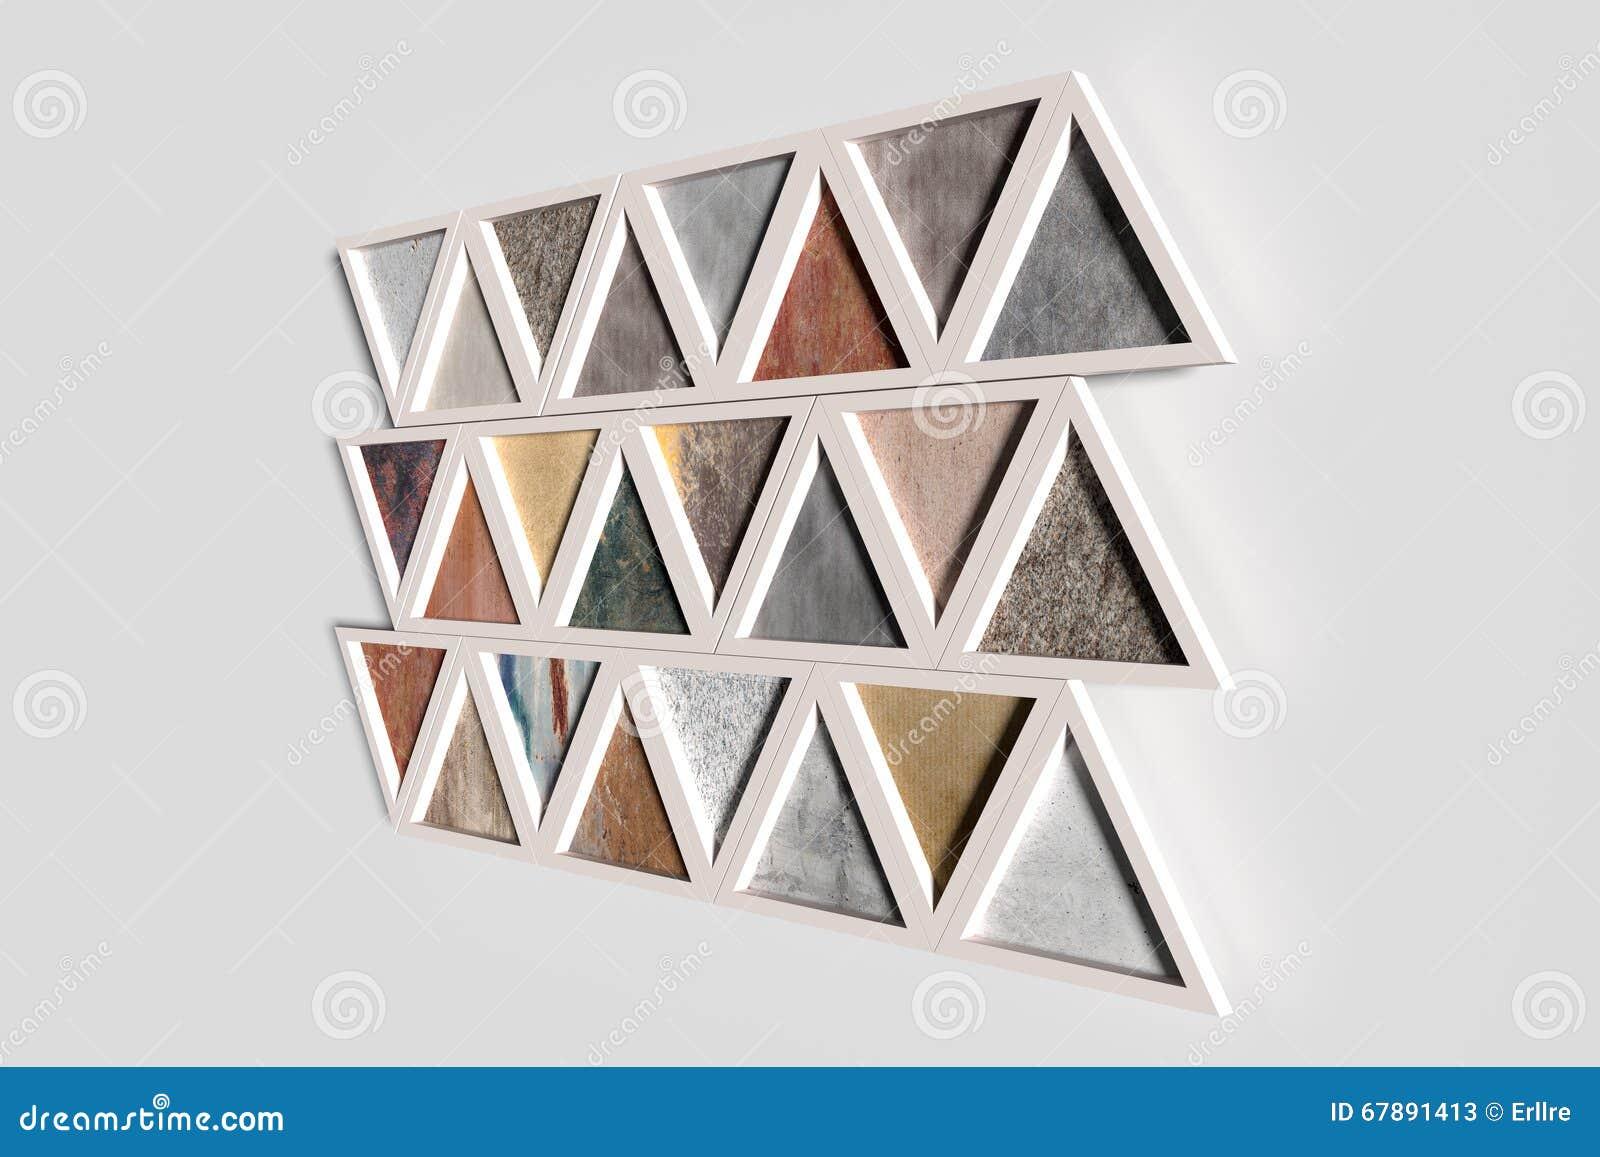 Τοίχος με τα τρίγωνα των διαφορετικών υλικών στα άσπρα πλαίσια